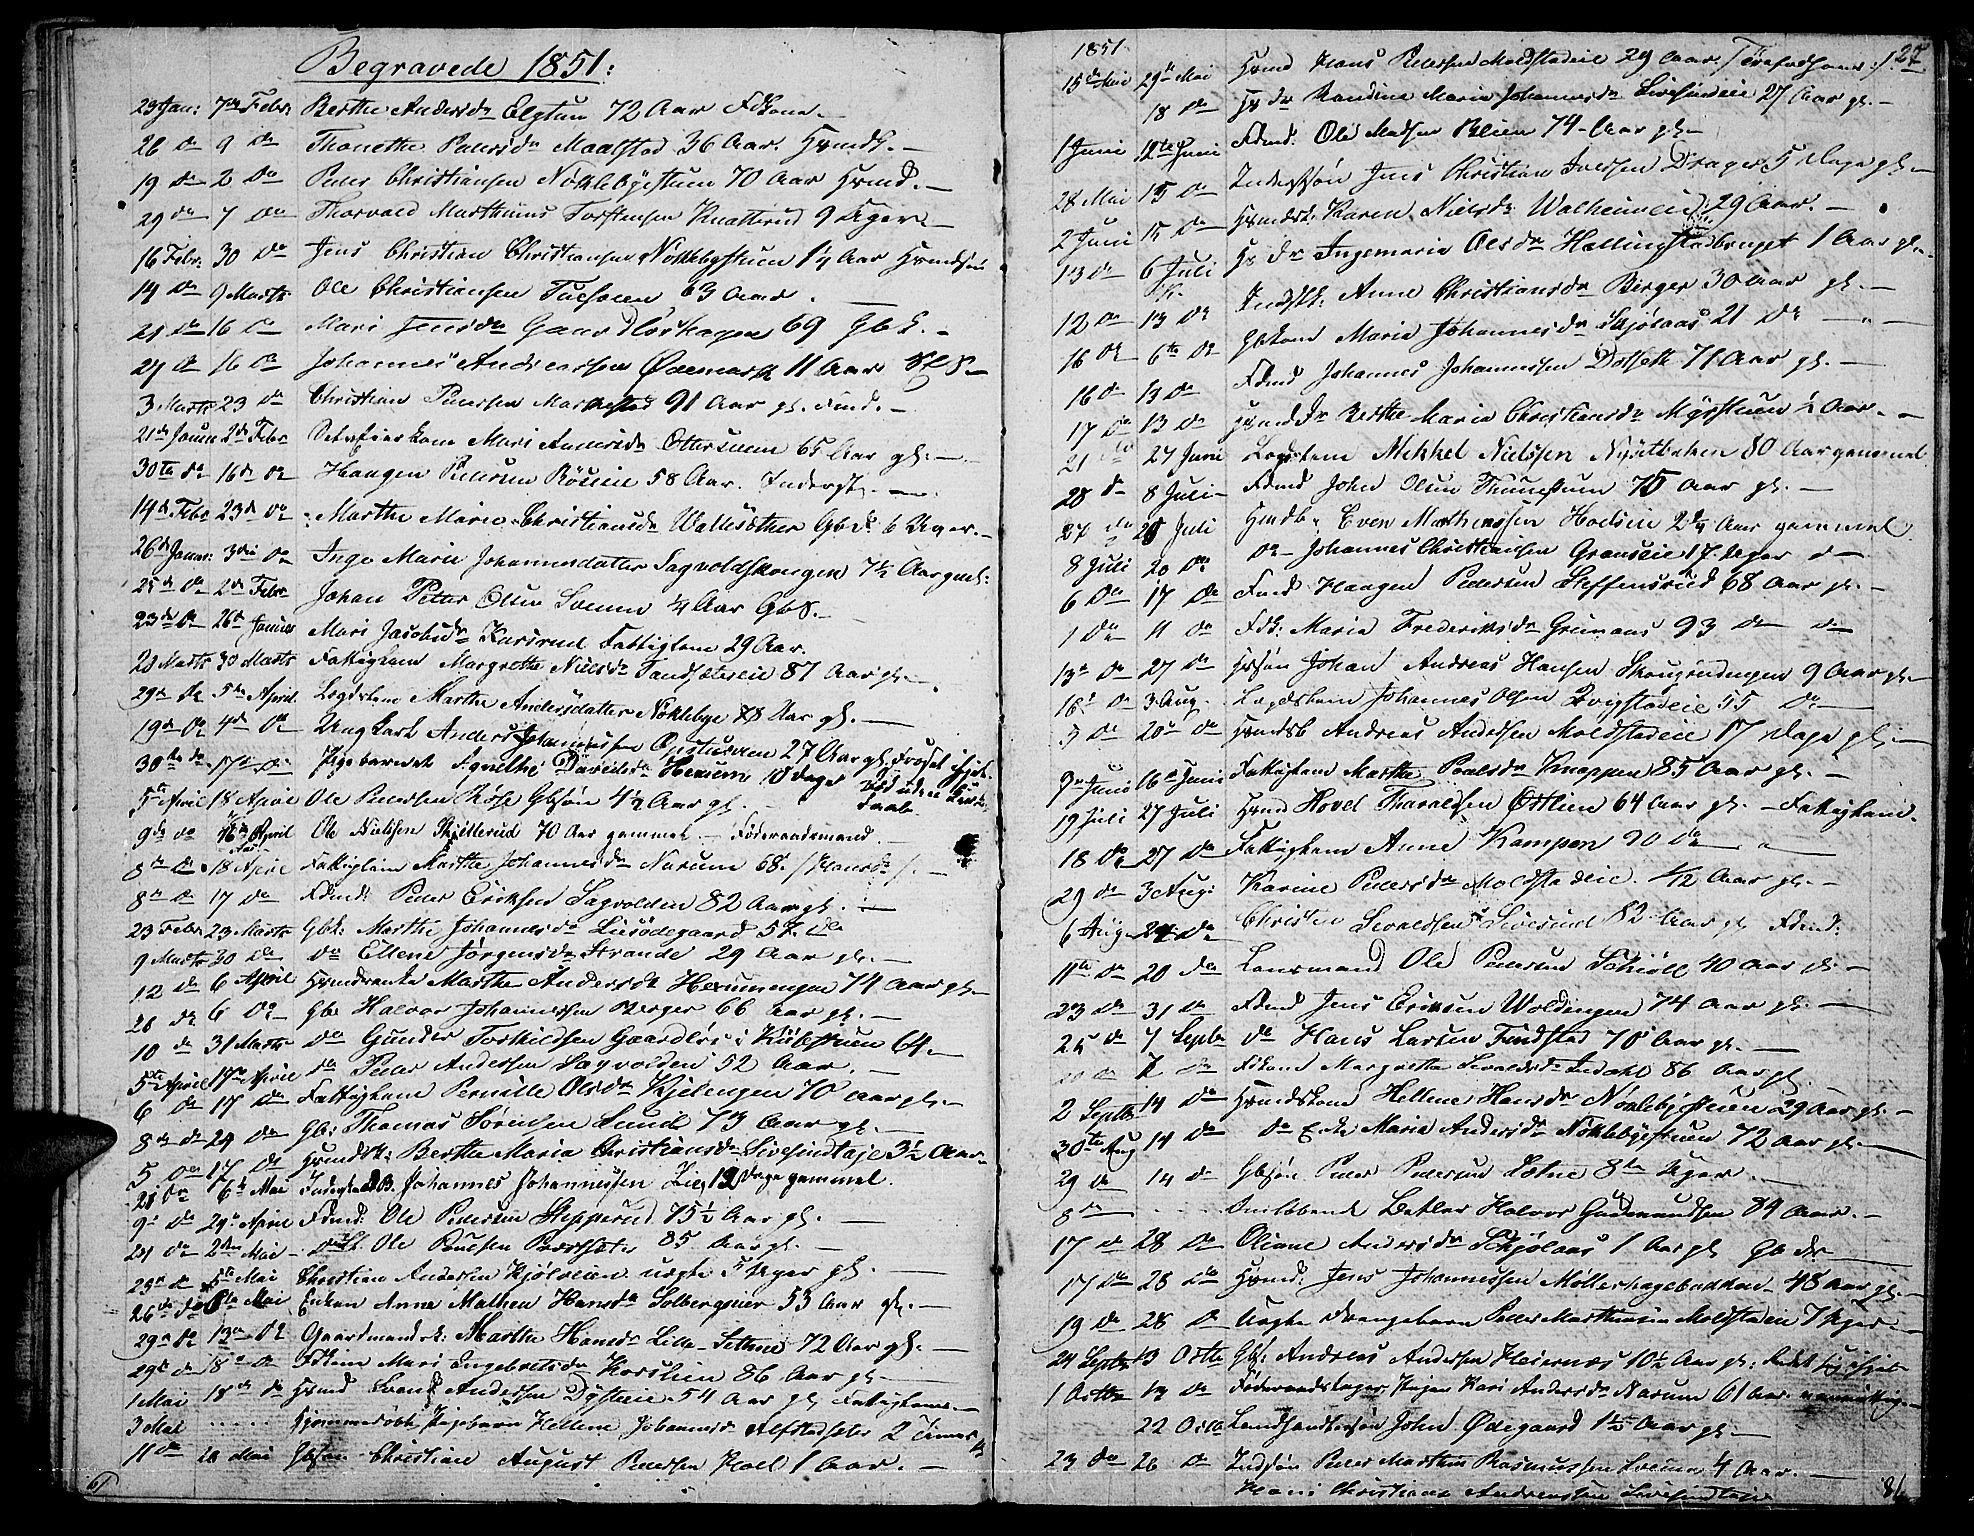 SAH, Vestre Toten prestekontor, Klokkerbok nr. 4, 1851-1853, s. 27